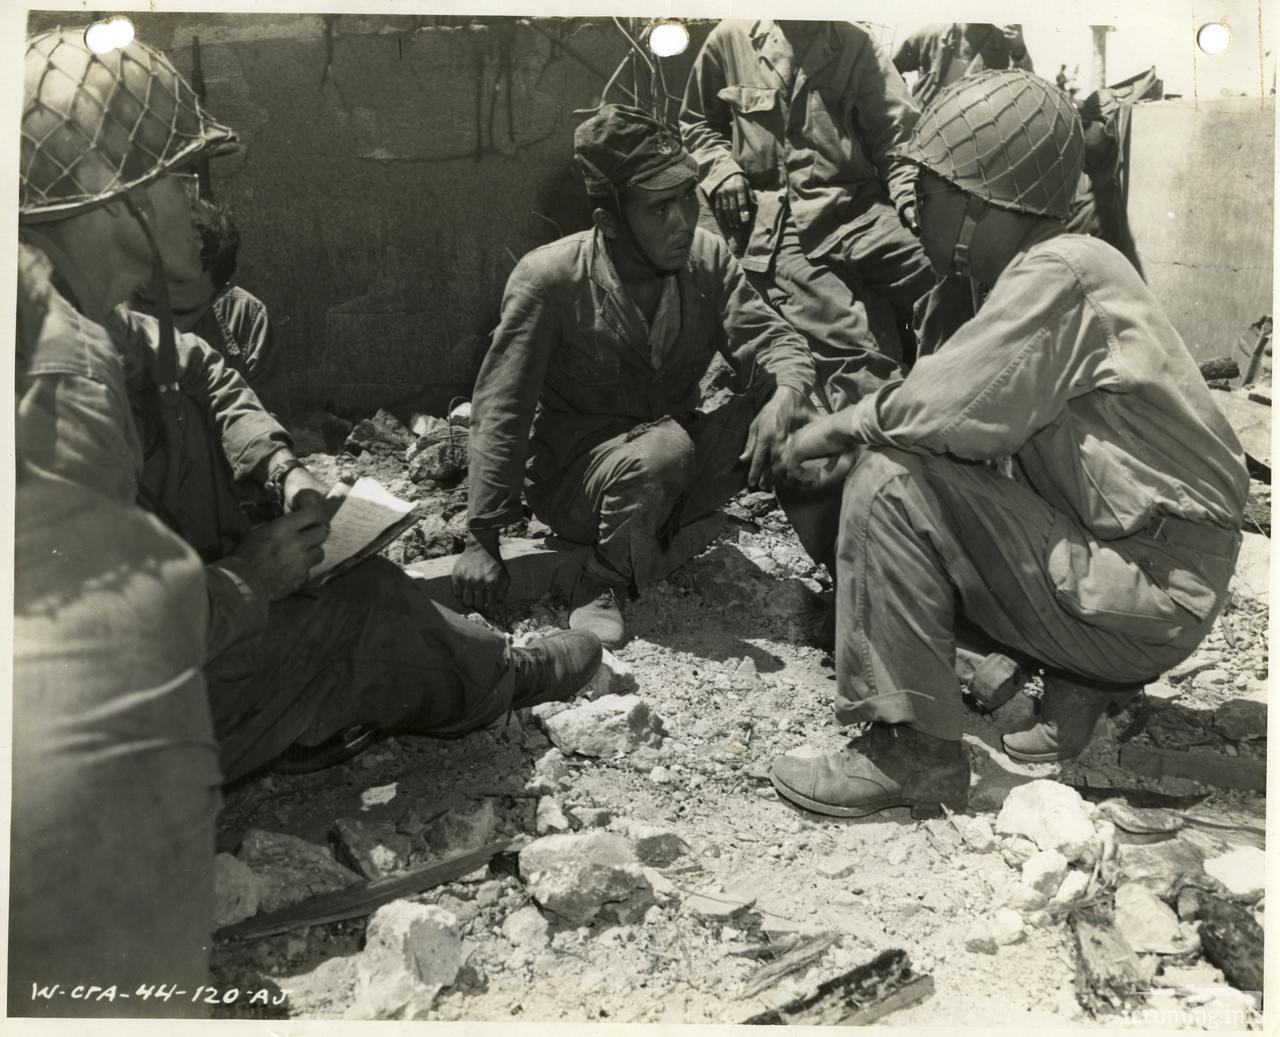 138211 - Военное фото 1941-1945 г.г. Тихий океан.